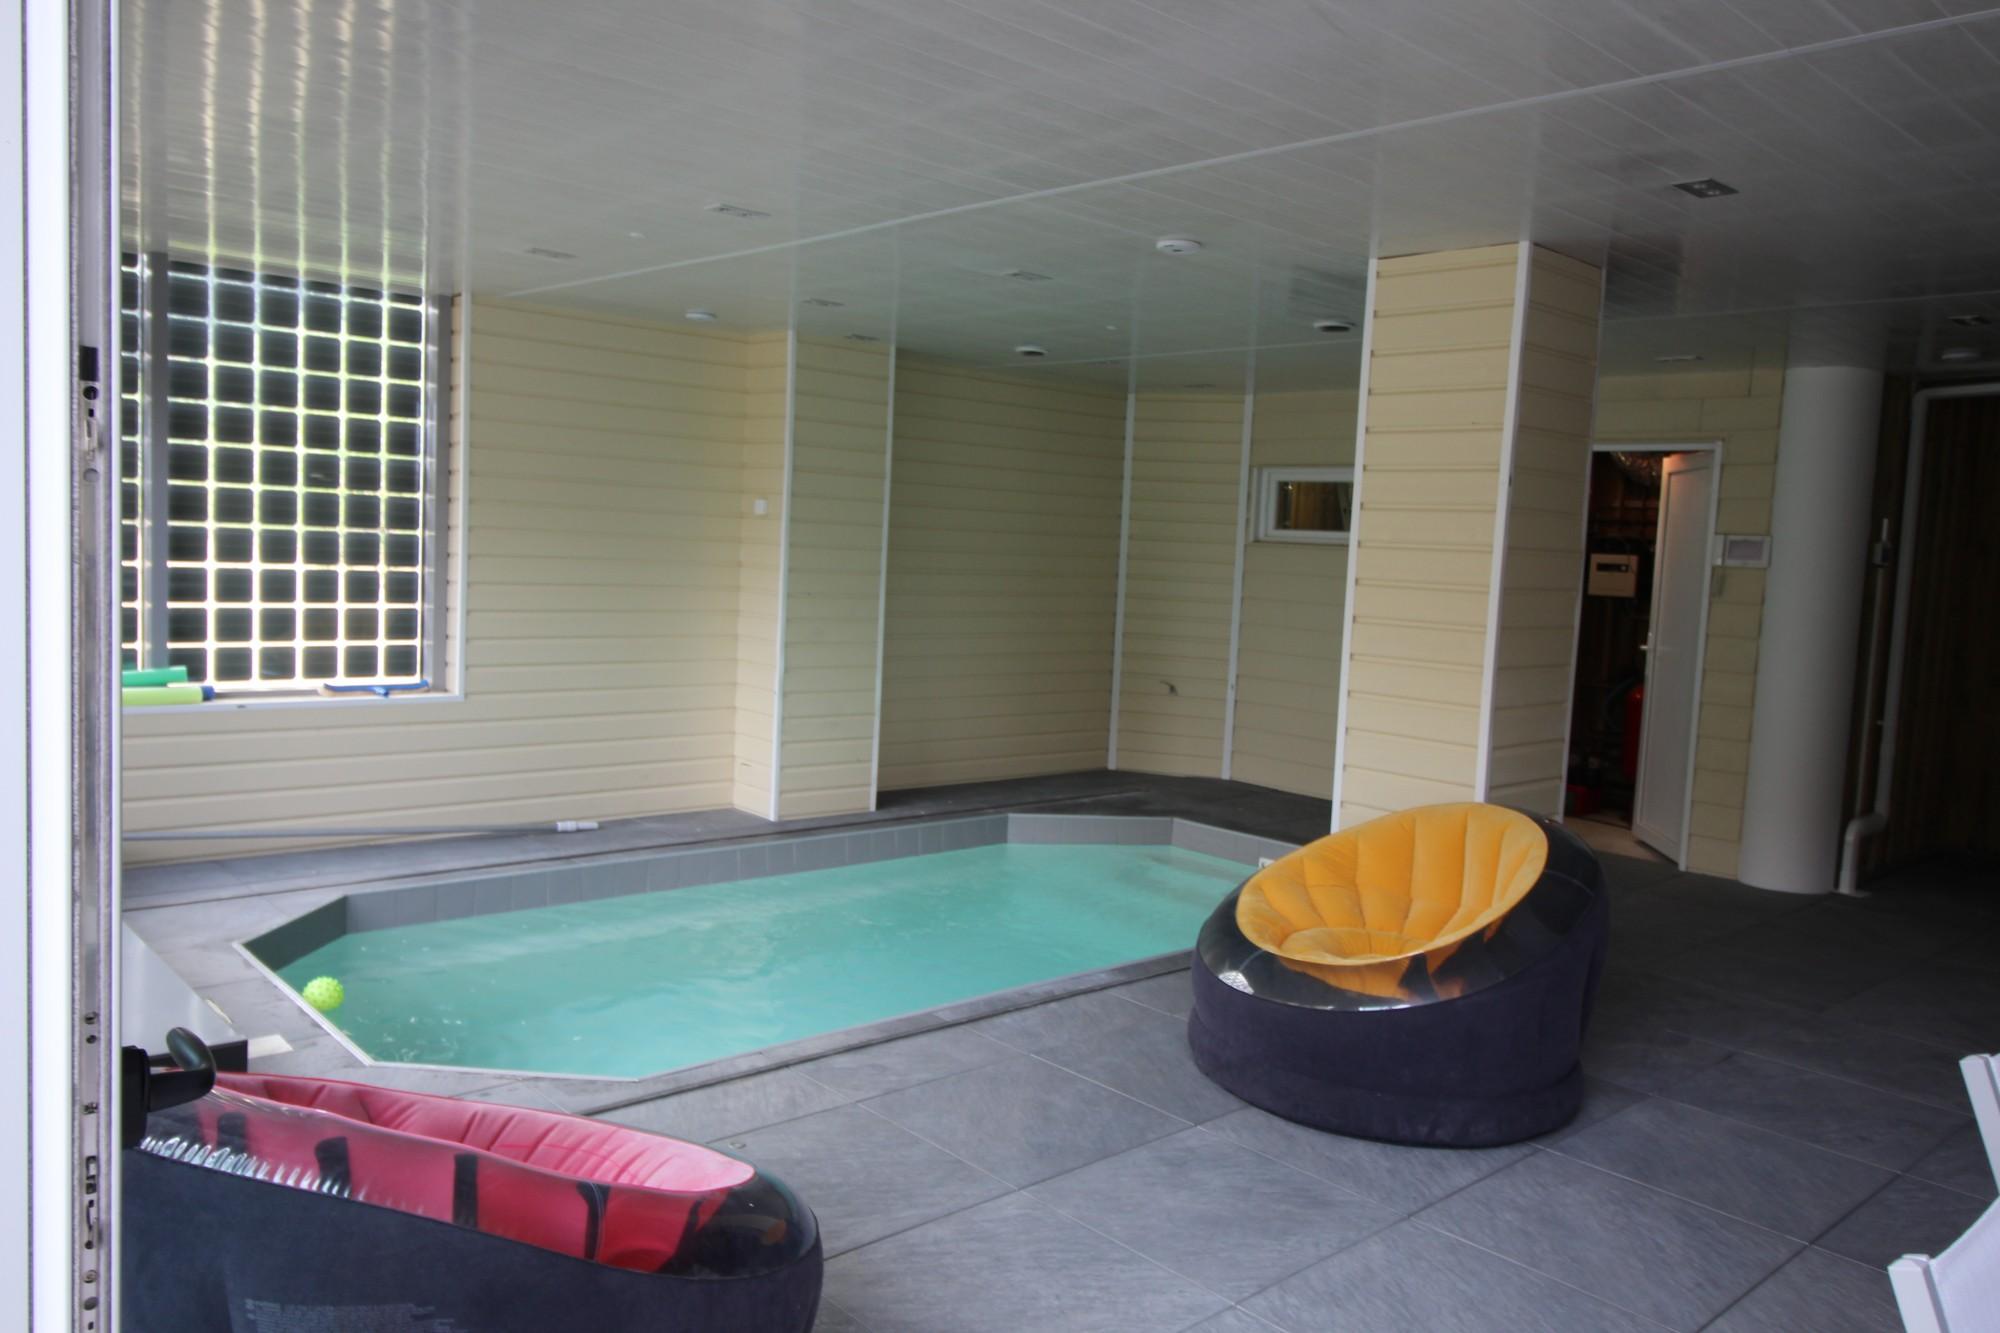 villa arcachon location piscine chauffée intérieure centre ville louer 6 personnes